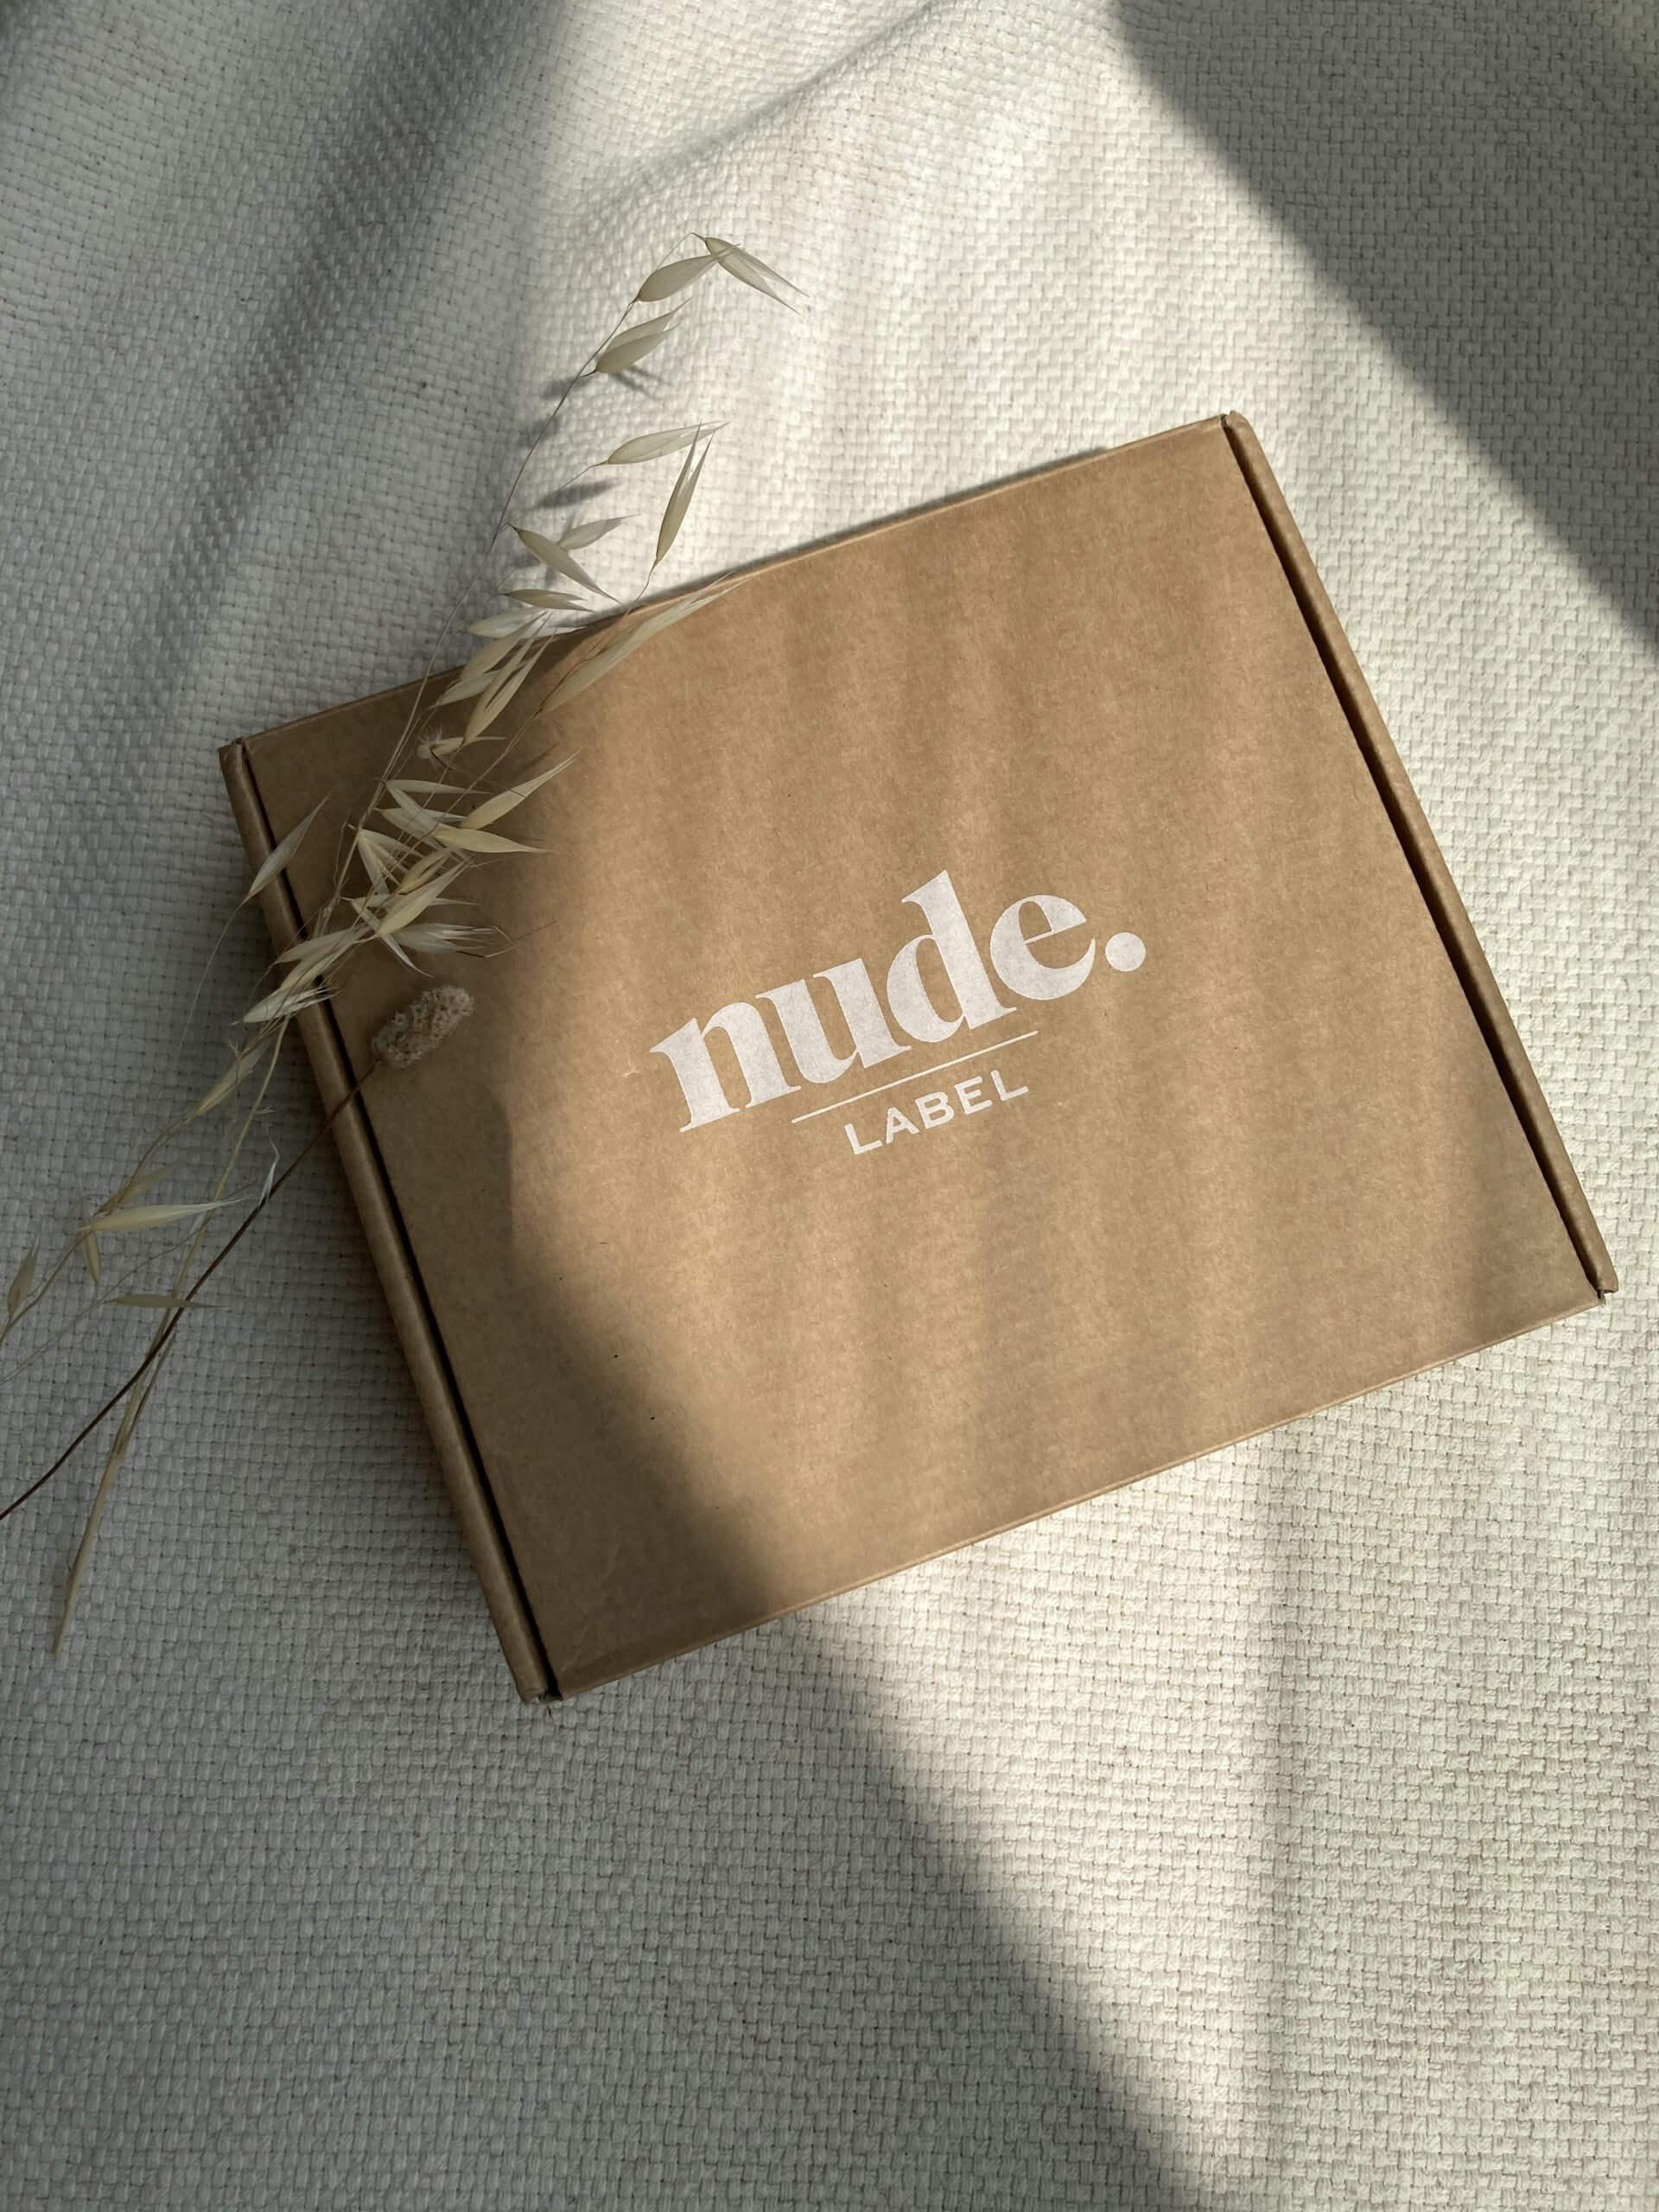 una caja postal con el logo de The Nude Label